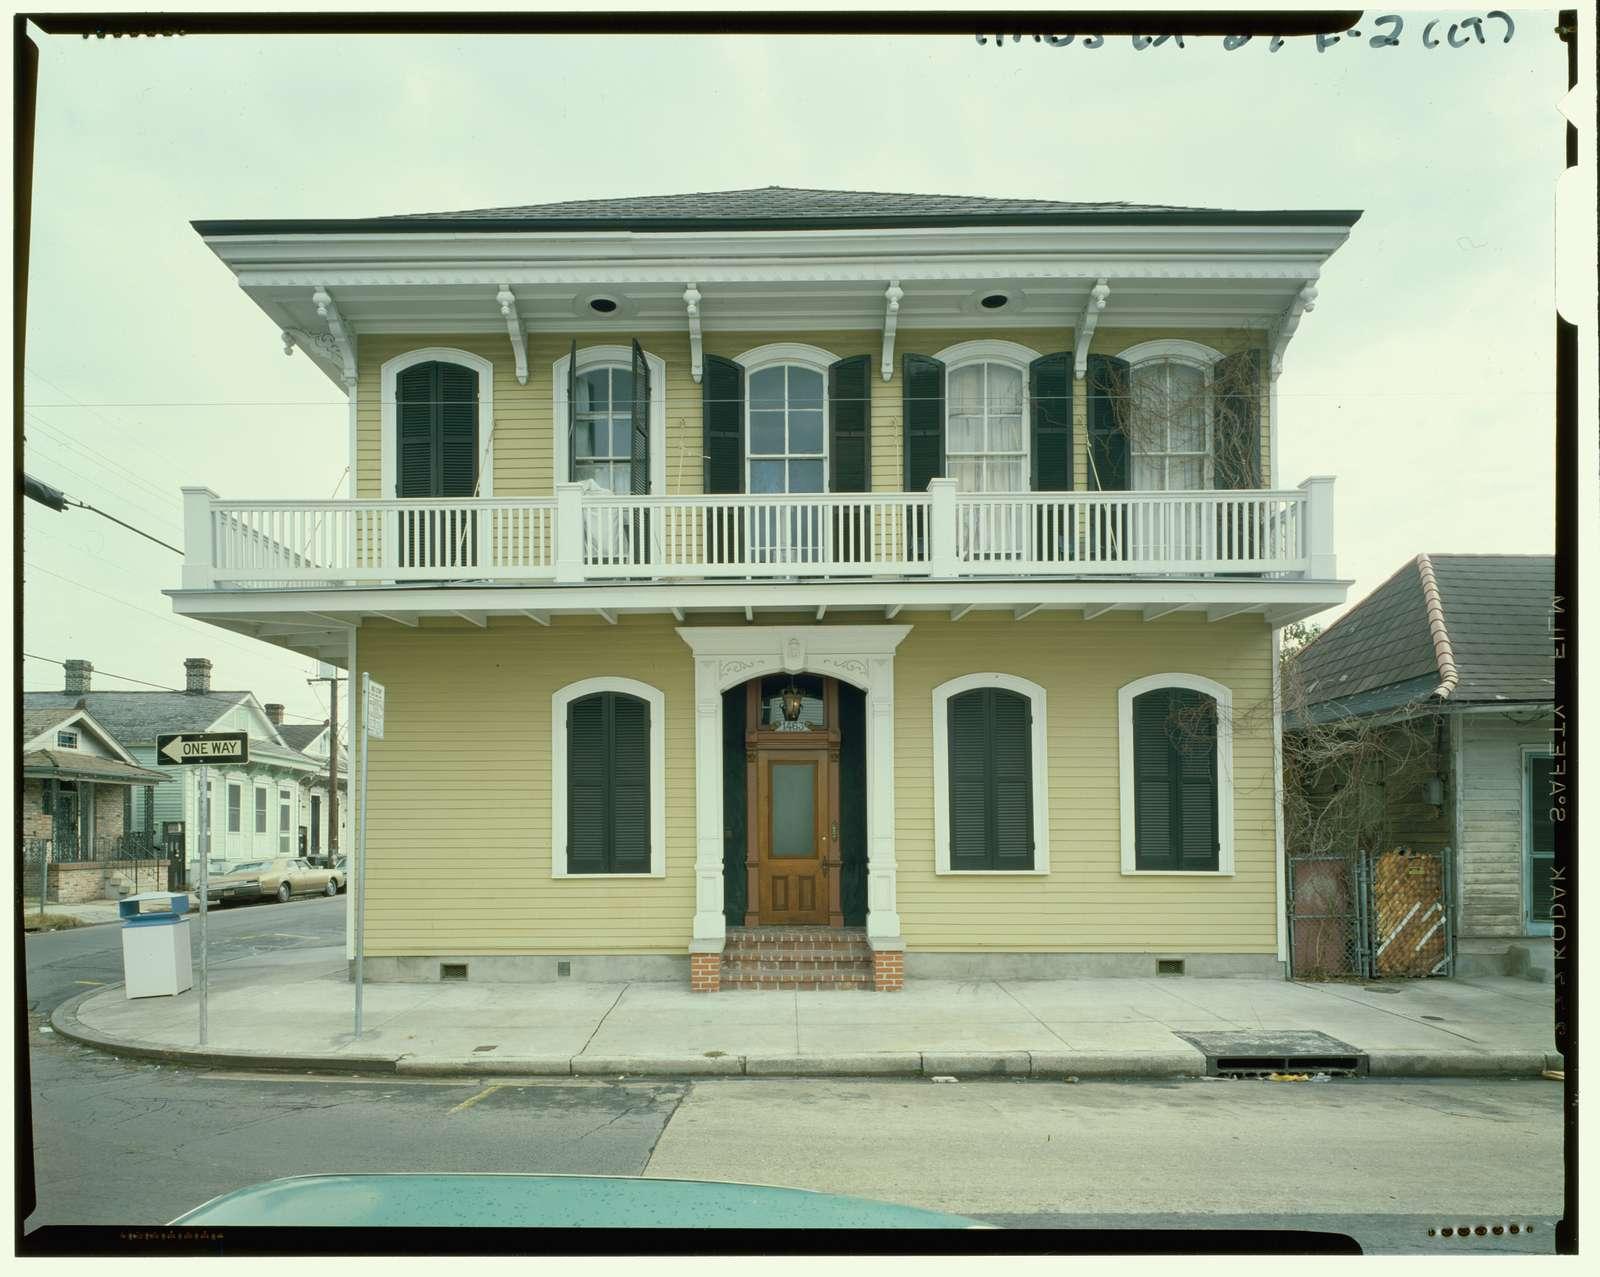 Faubourg Marigny District, 1463 Pauger Street (House), New Orleans, Orleans Parish, LA